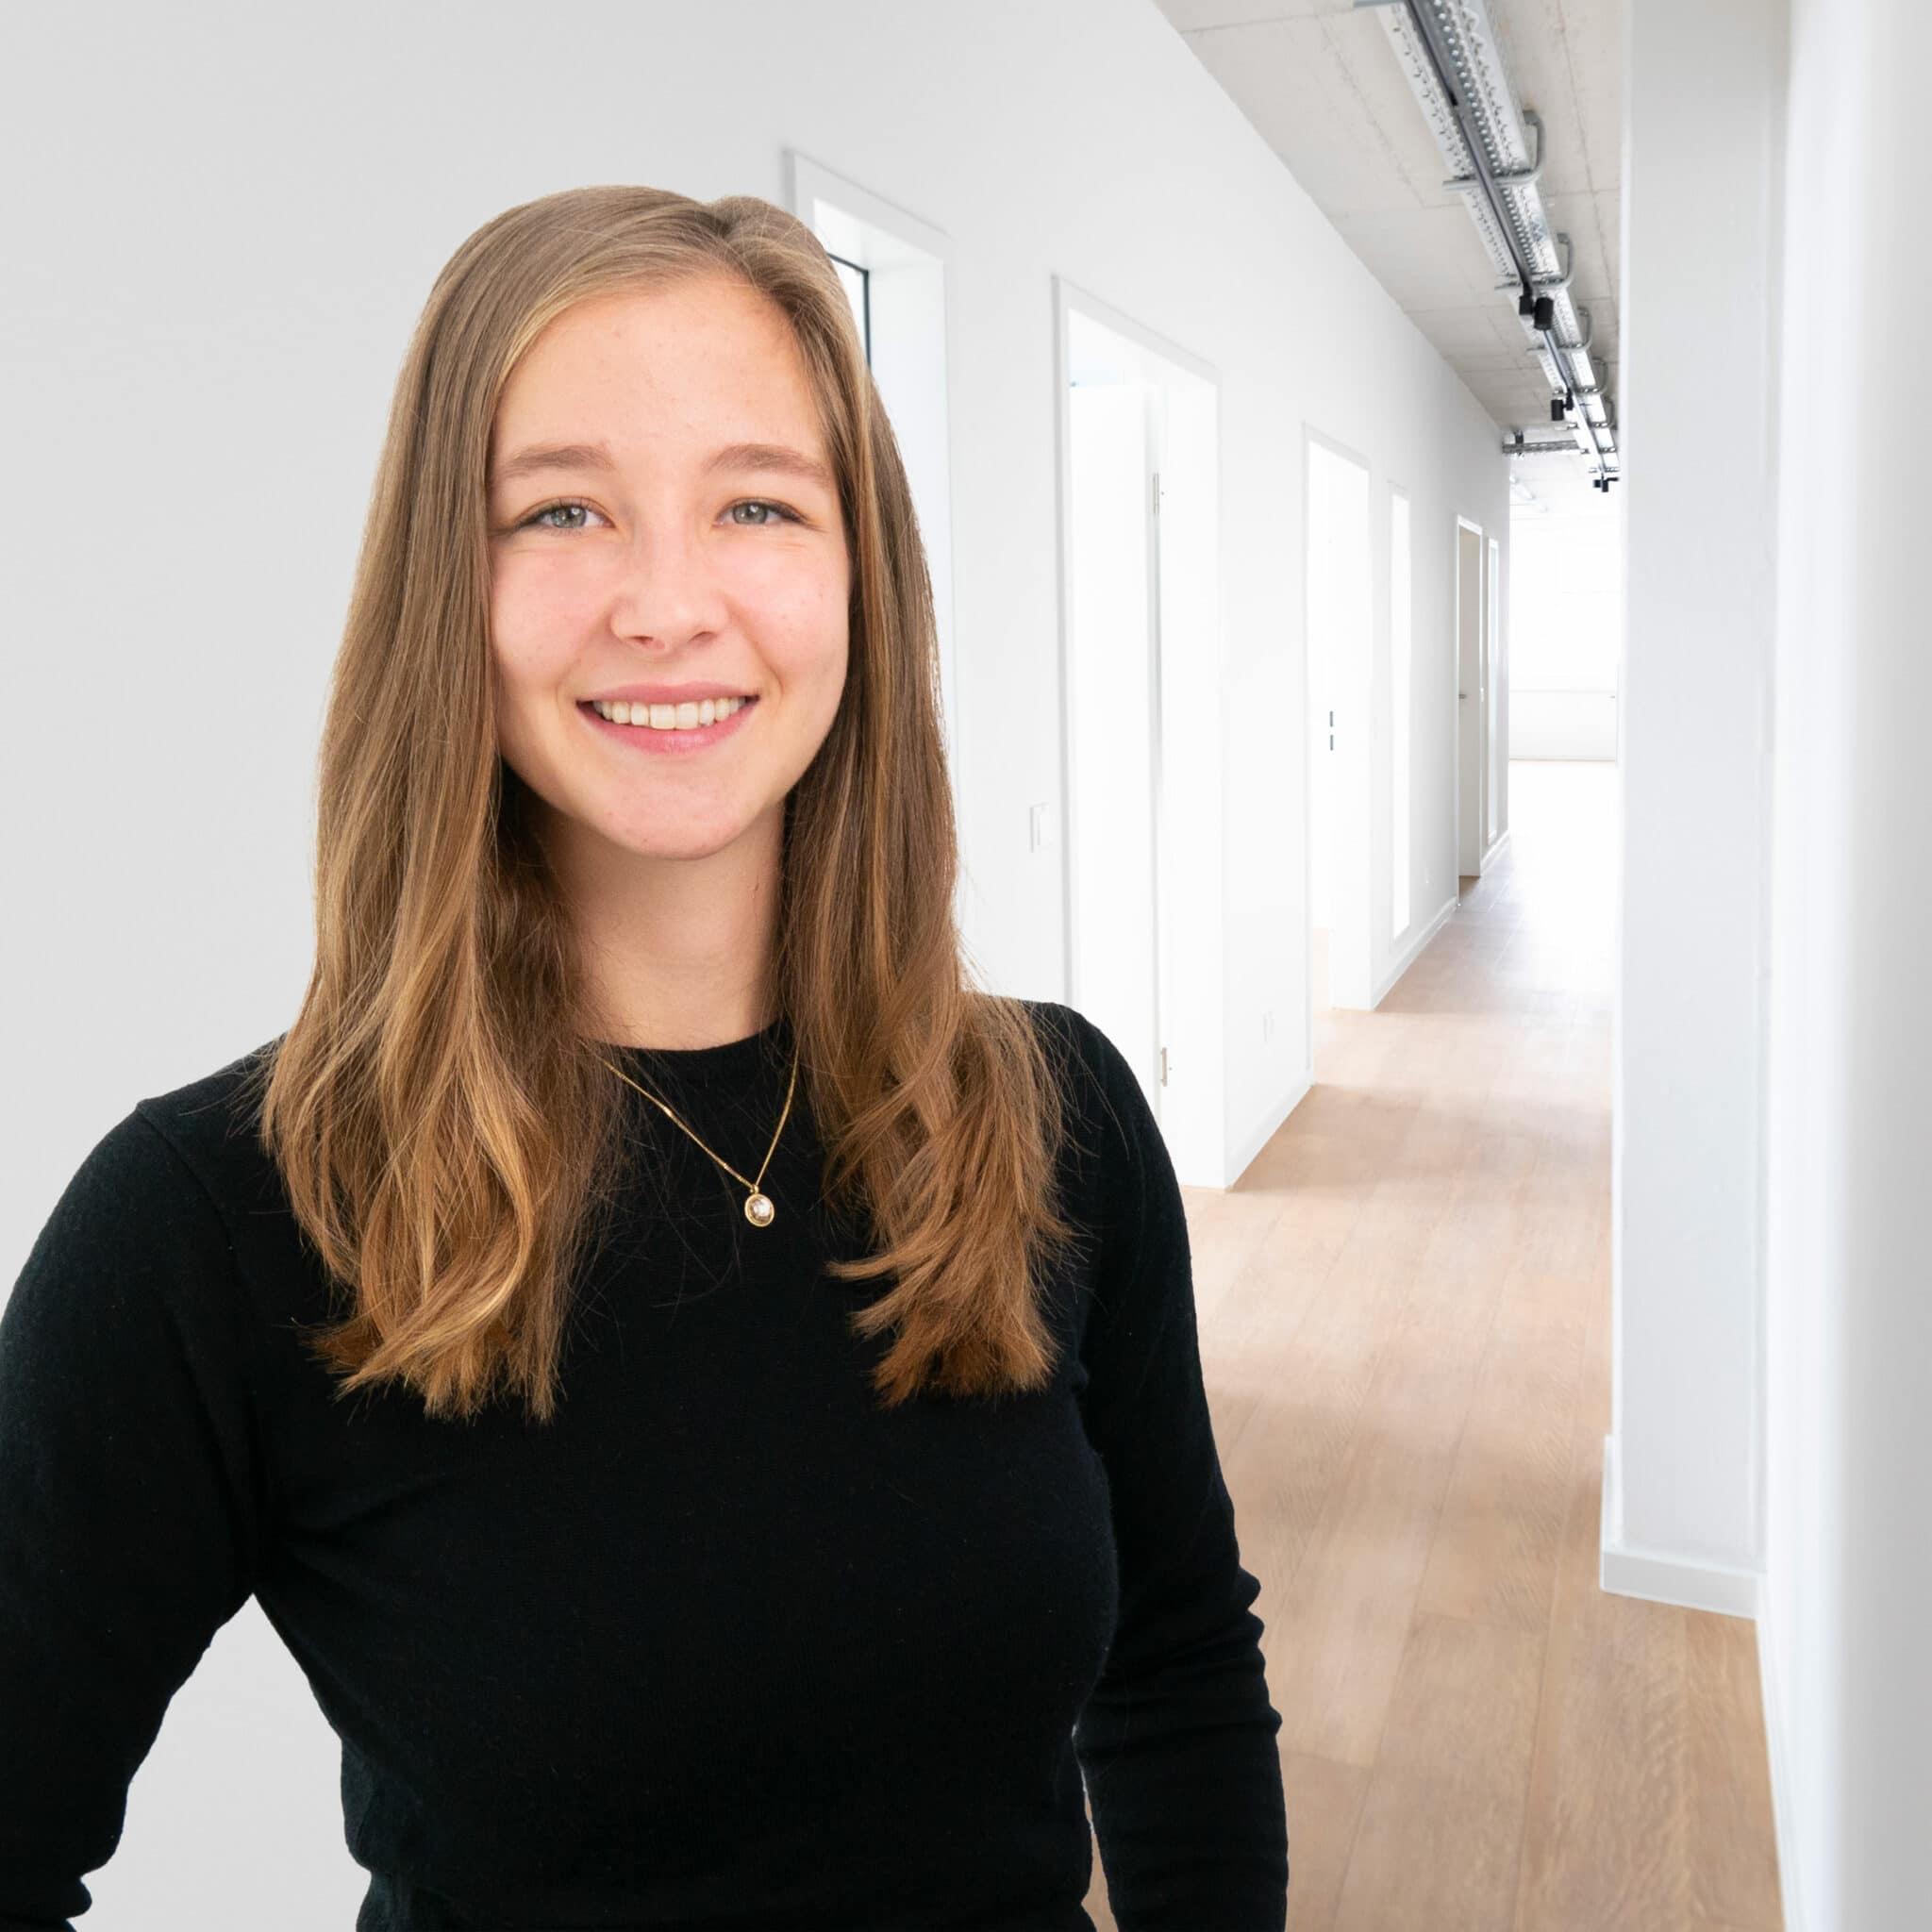 Profil Marie Hopf